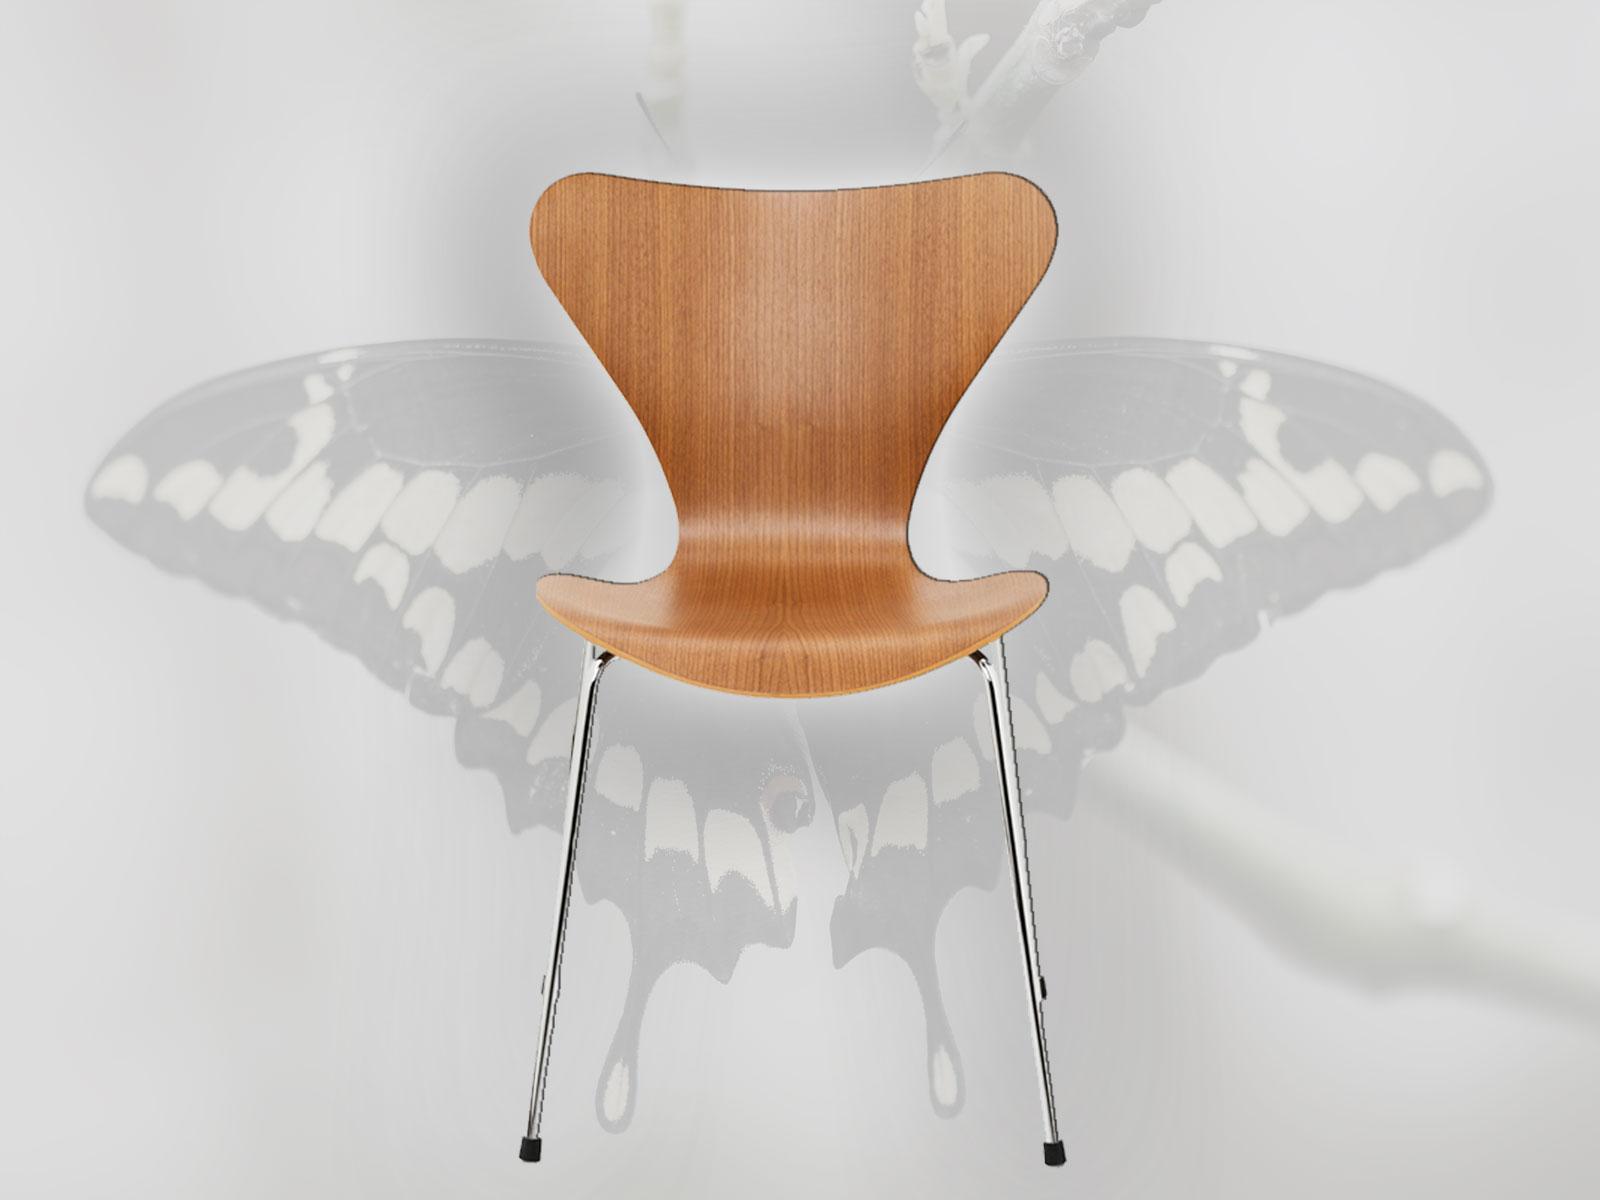 De Vlinder van Jacobsen sloeg precies 60 jaar geleden z'n vleugels uit